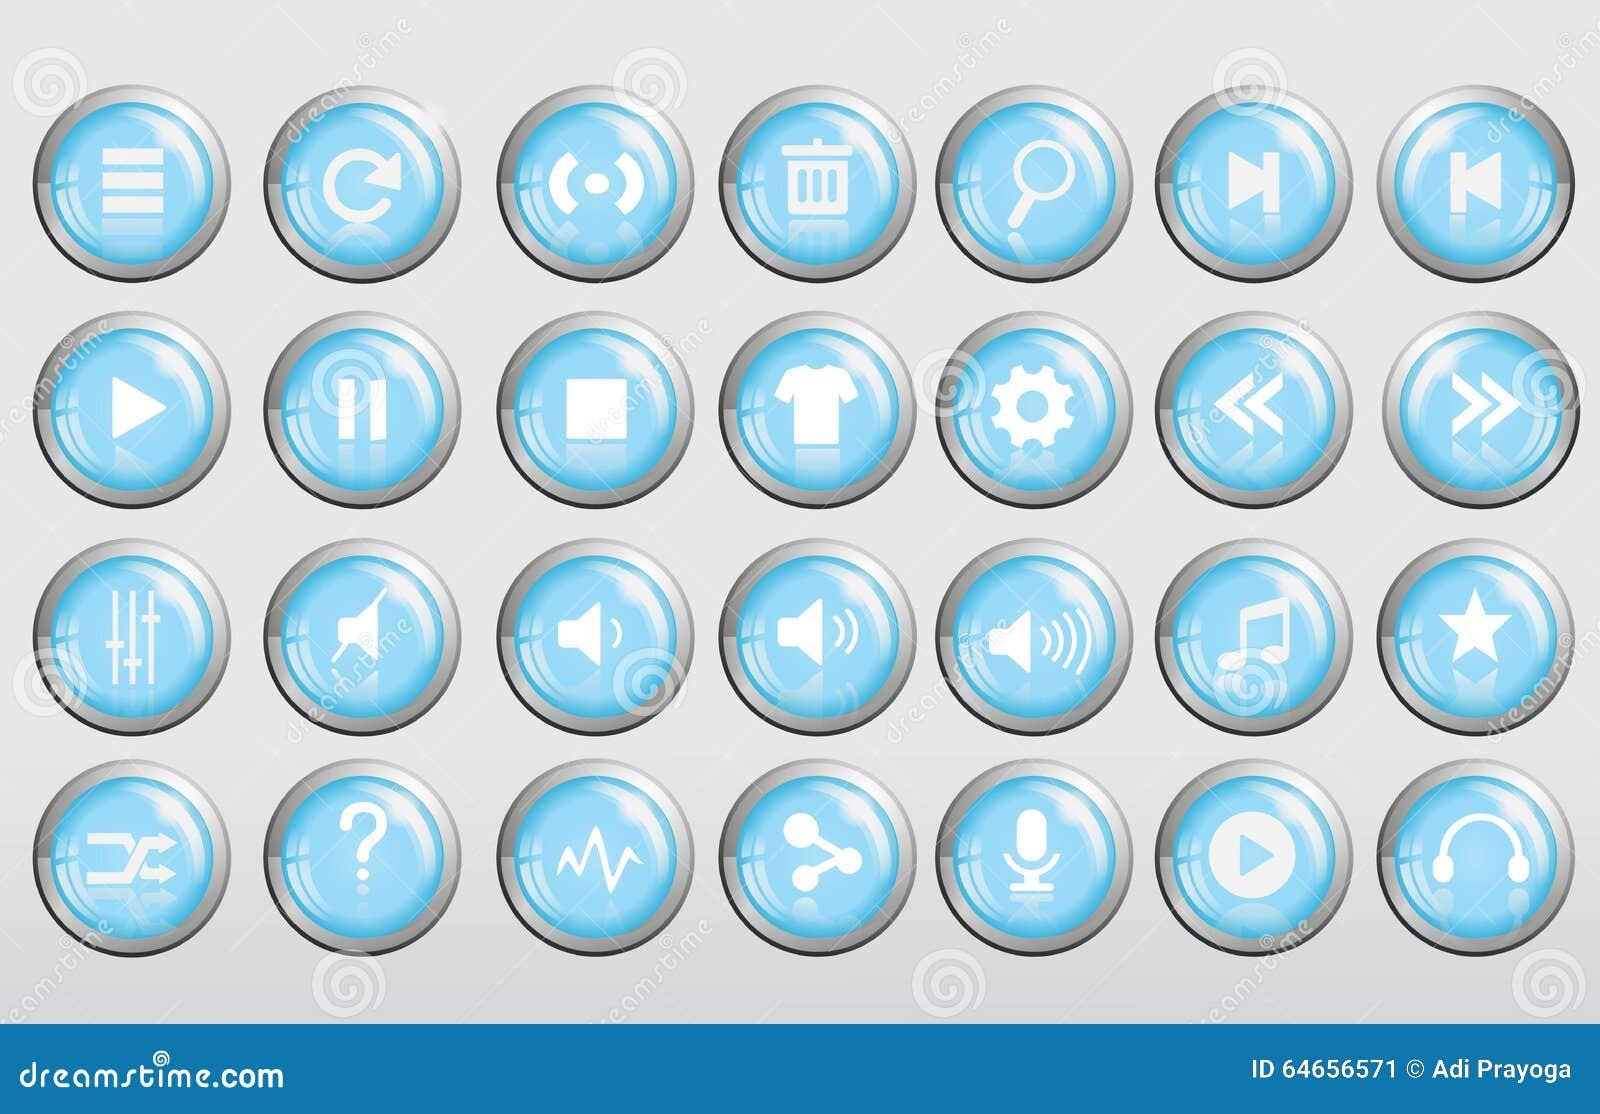 Δροσερό τρισδιάστατο μπλε κουμπί μουσικής στιλπνό